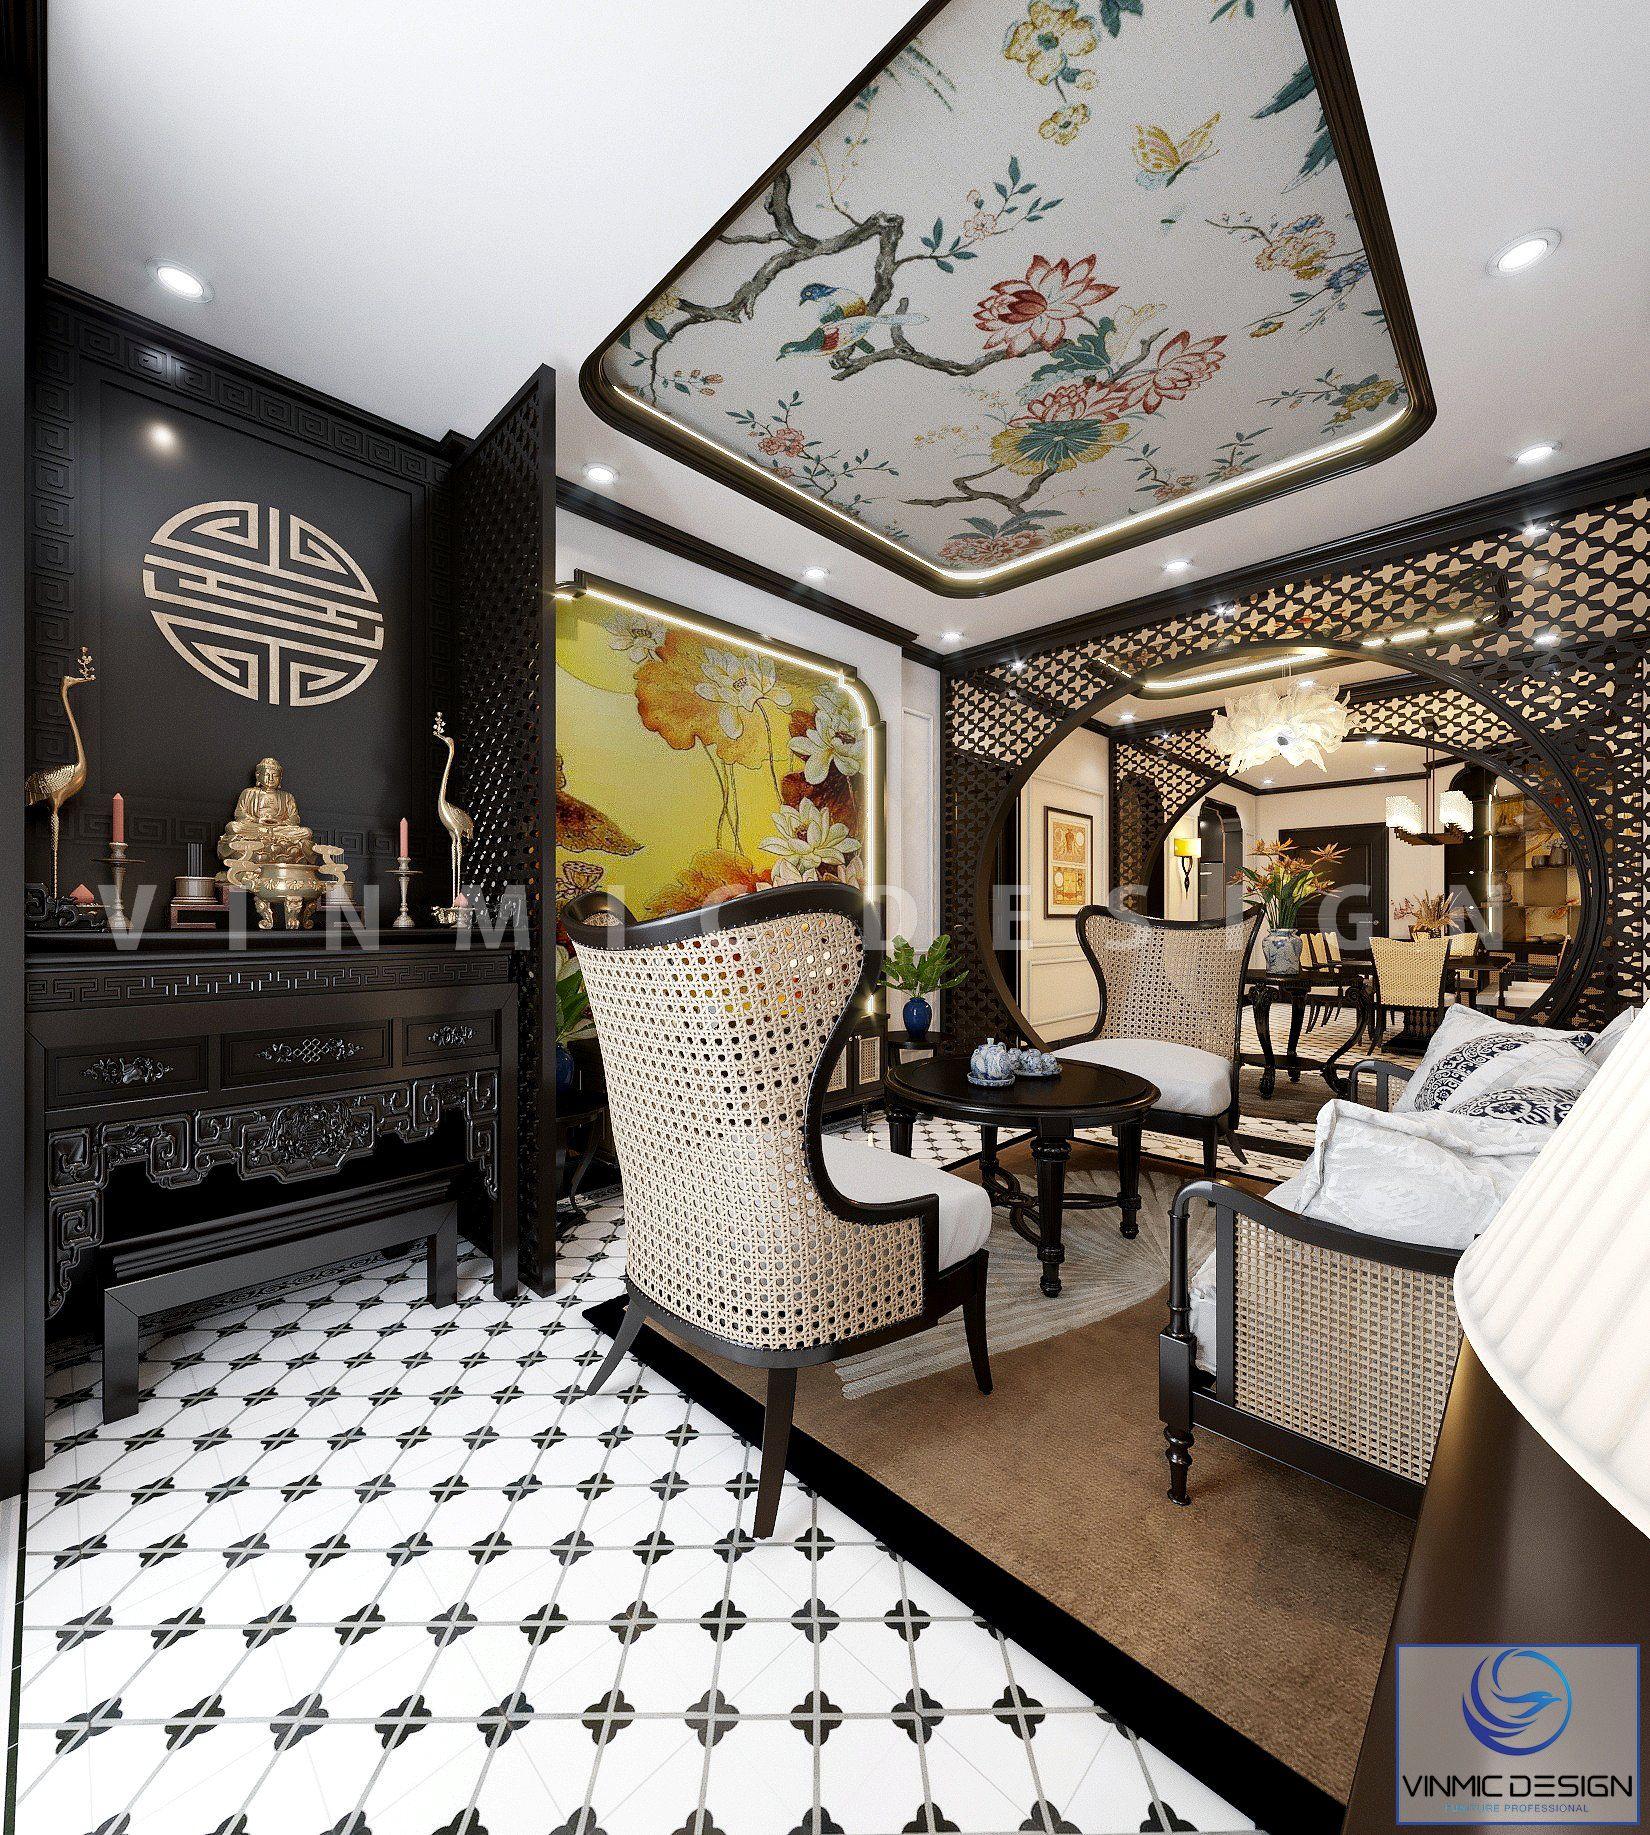 Thiết kế nội thất phòng khách Á Đông (Indochine) với hệ thống ánh sáng liên kết, đèn trang trí và trần thiết kế ấn tượng